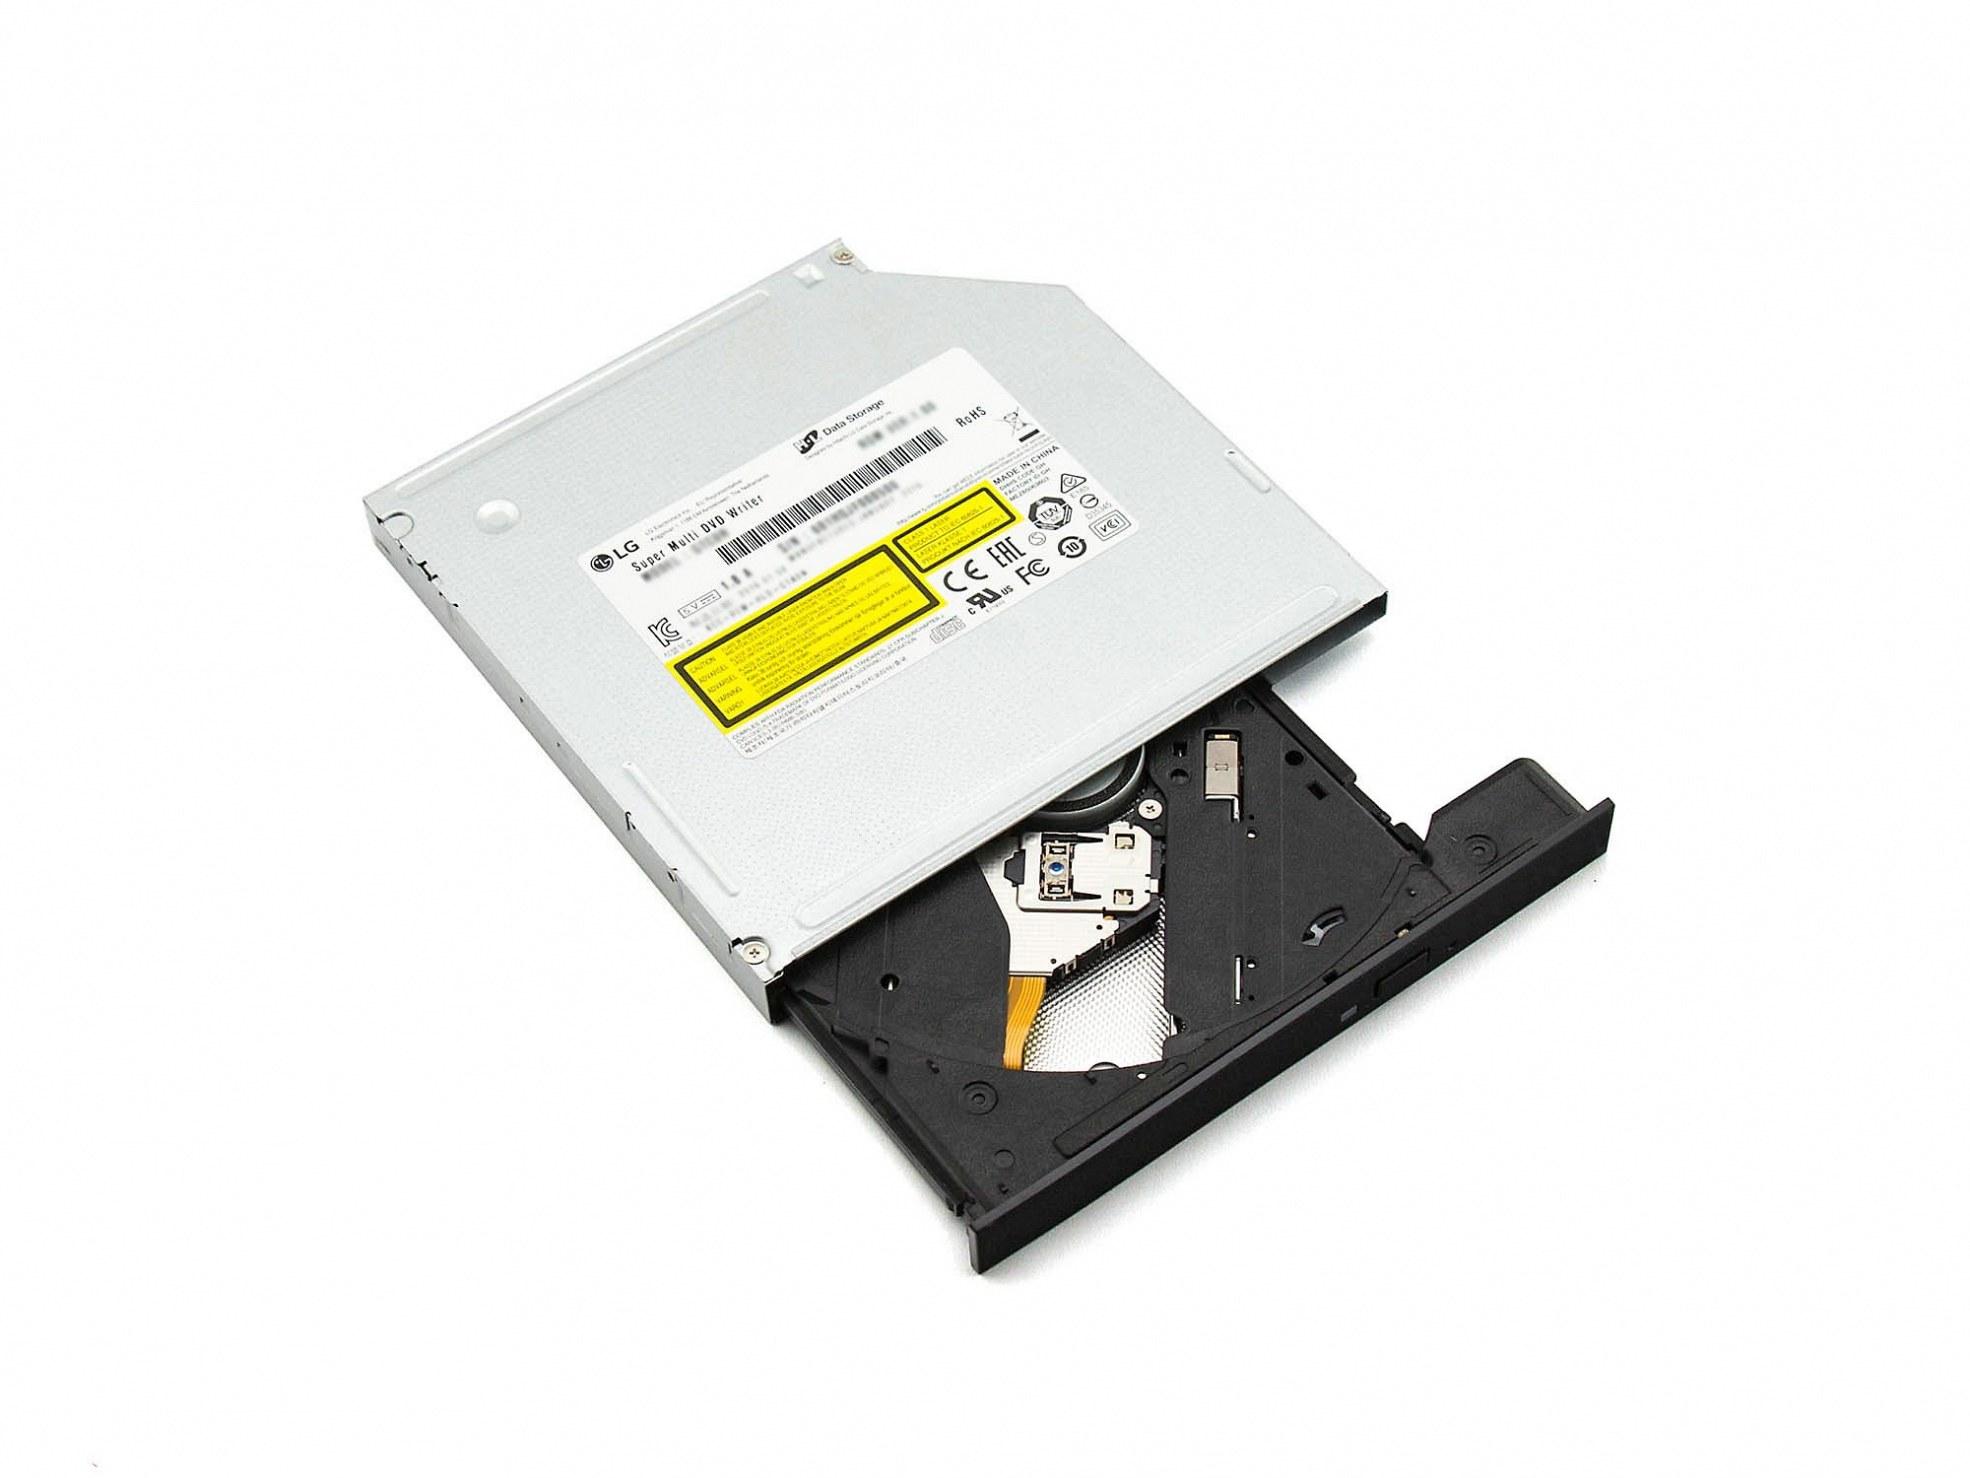 DVD Brenner für Wortmann Terra Mobile 1509